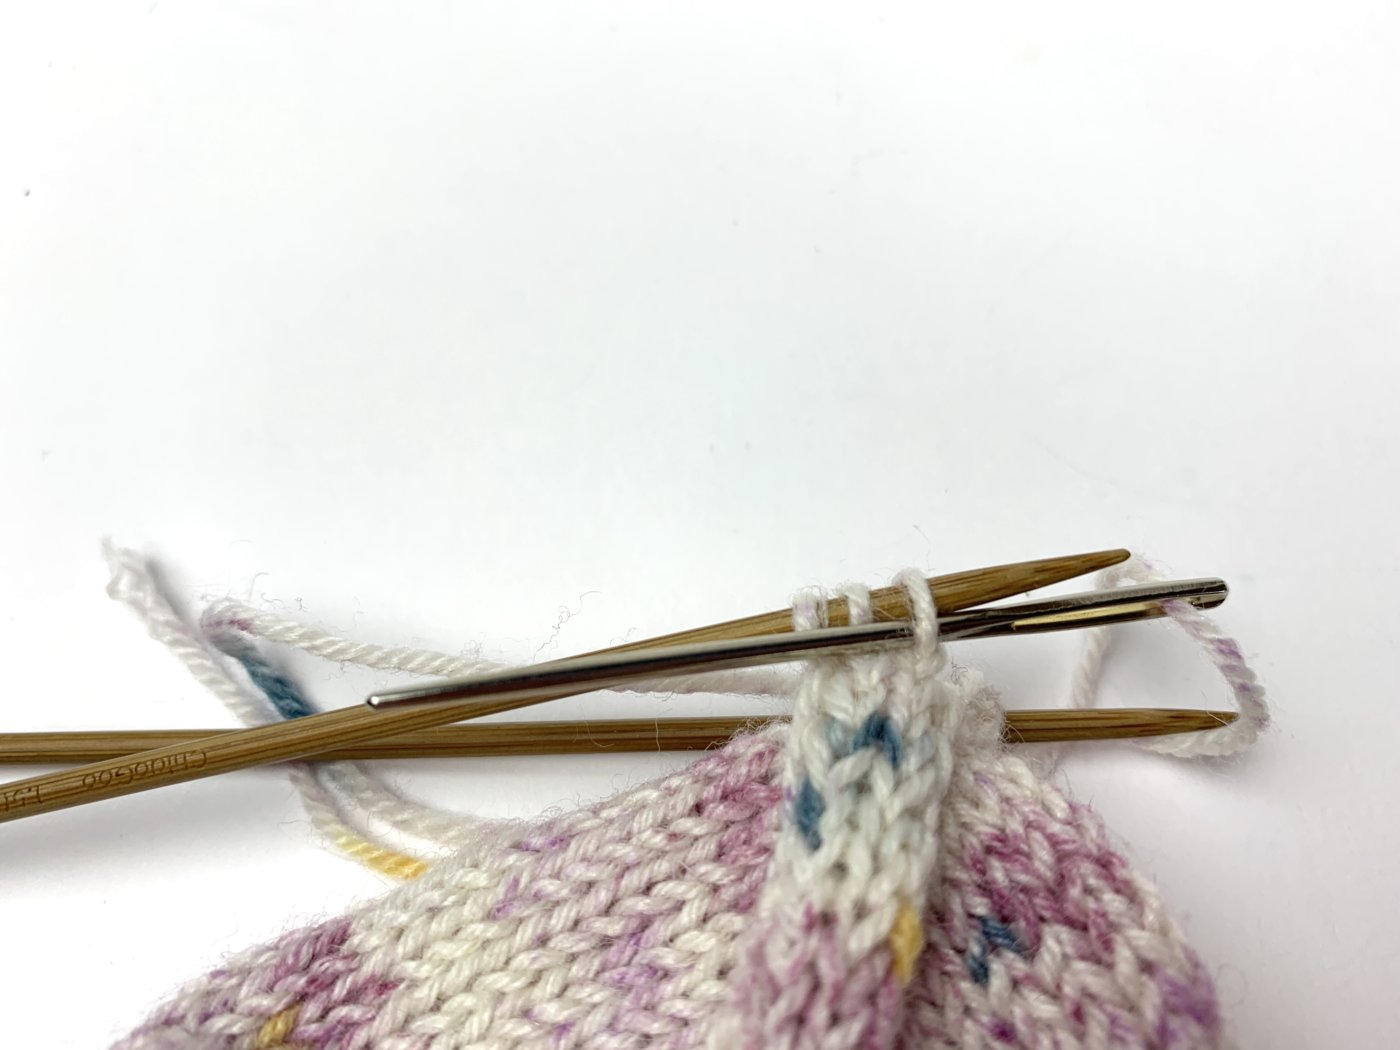 Die Nähnadel wird wie zum Linksstricken durch die Masche geschoben. Masche verbleibt auf der Nadel.